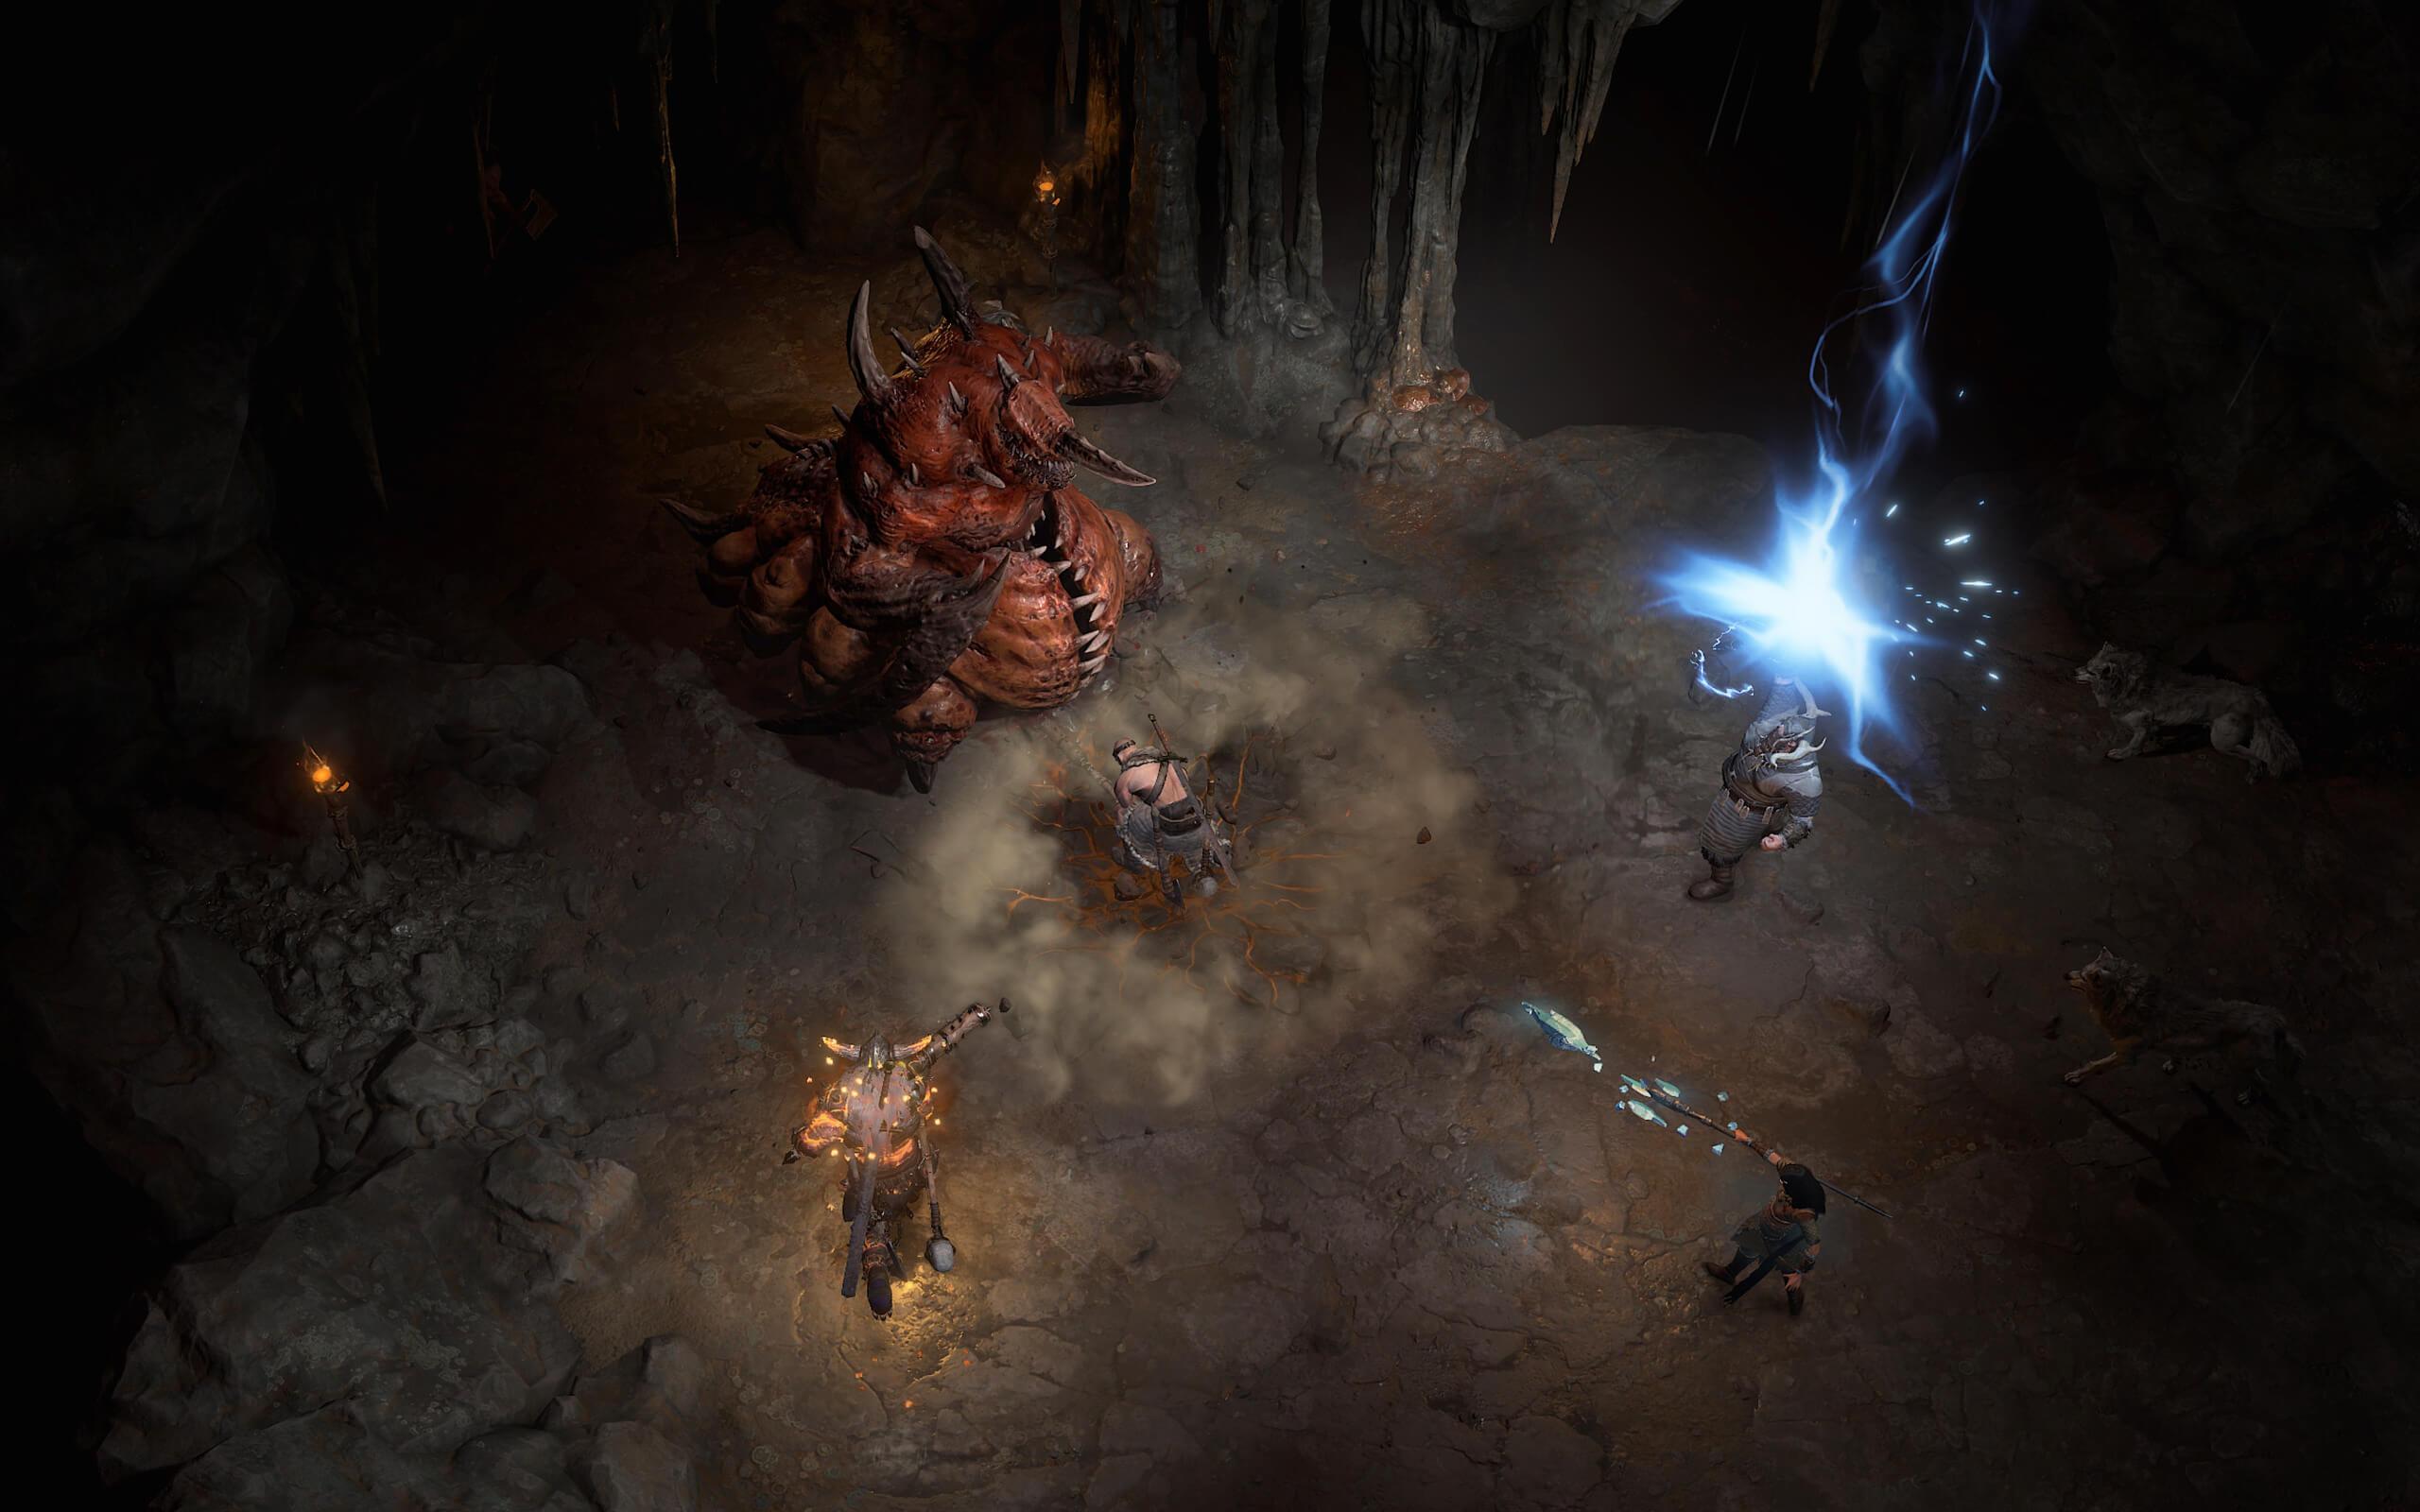 《暗黑破坏神4》巅峰系统将回归 游戏体验达到新高度